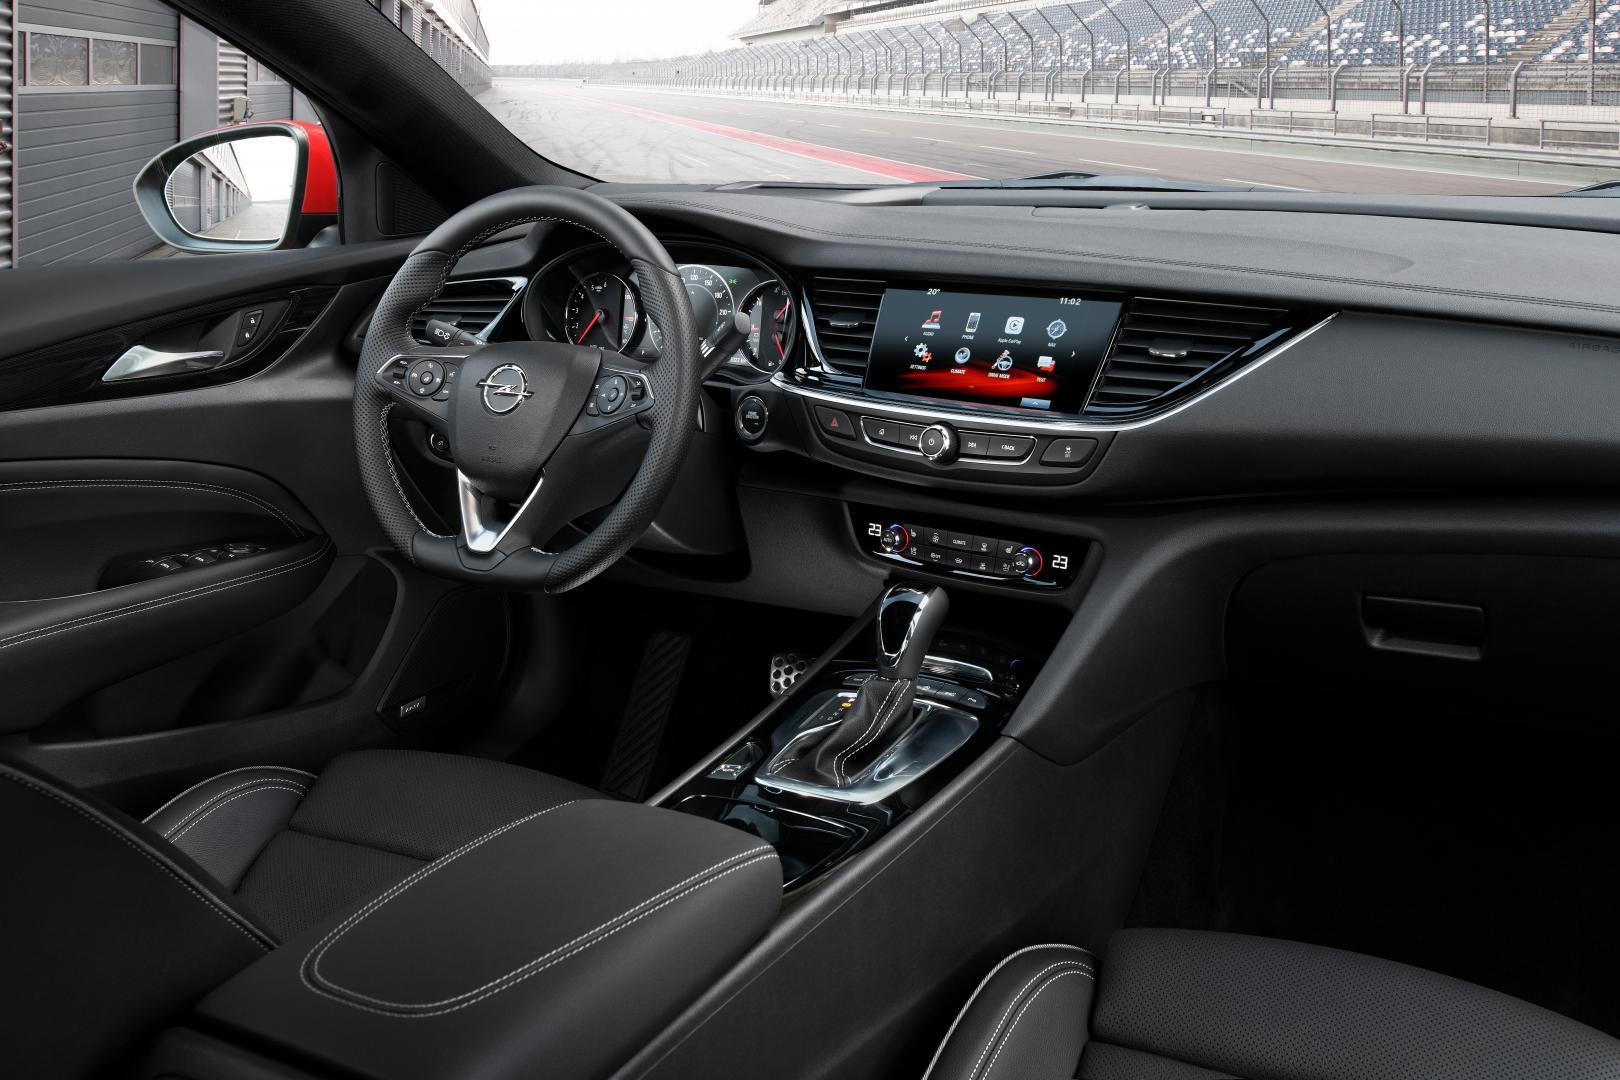 Opel Insignia Gsi 2018 1e Rij Indruk Topgear Nederland